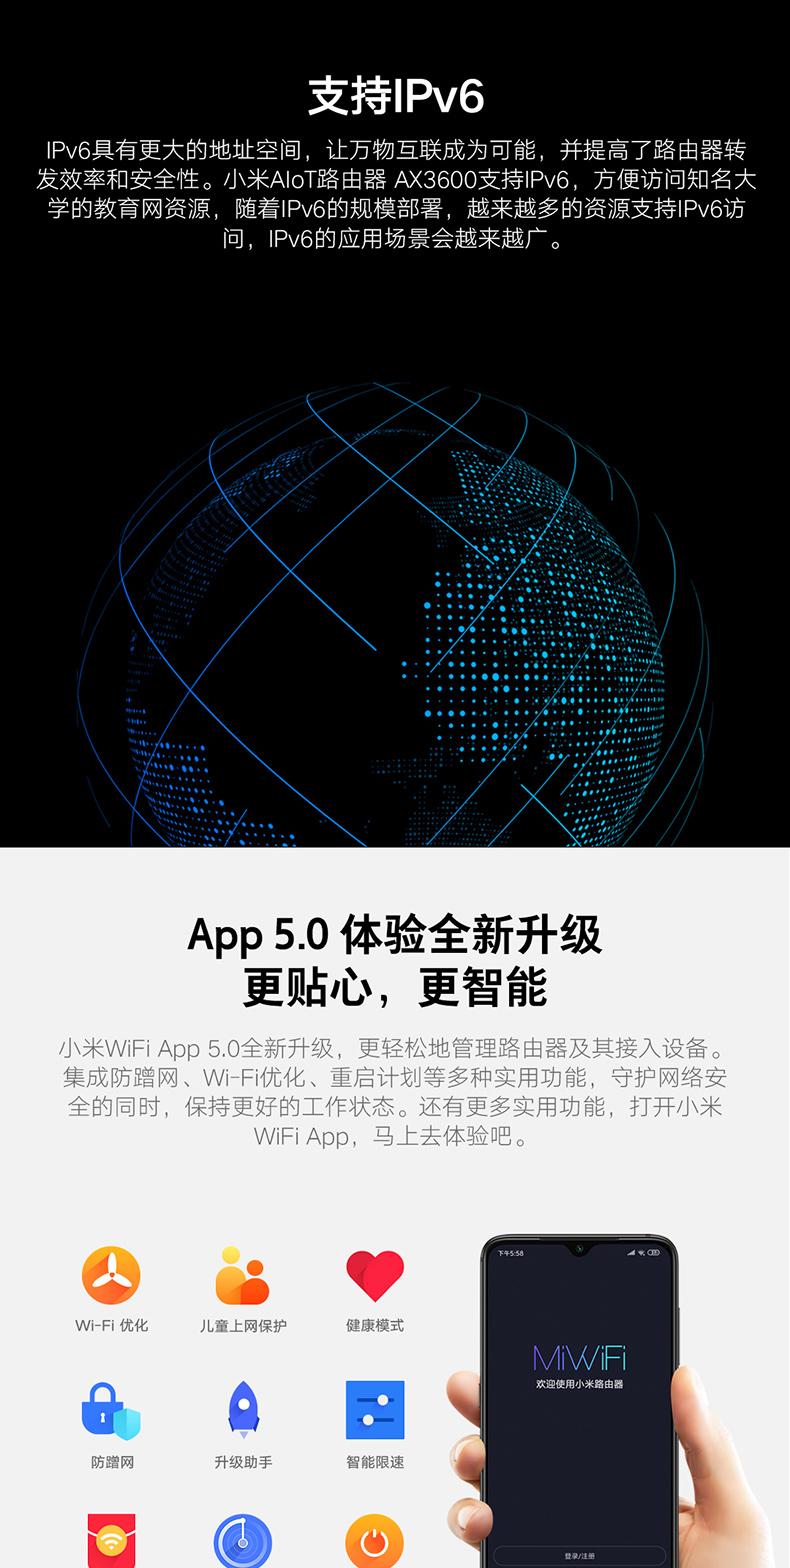 小米AIoT路由器AX3600免费试用,评测